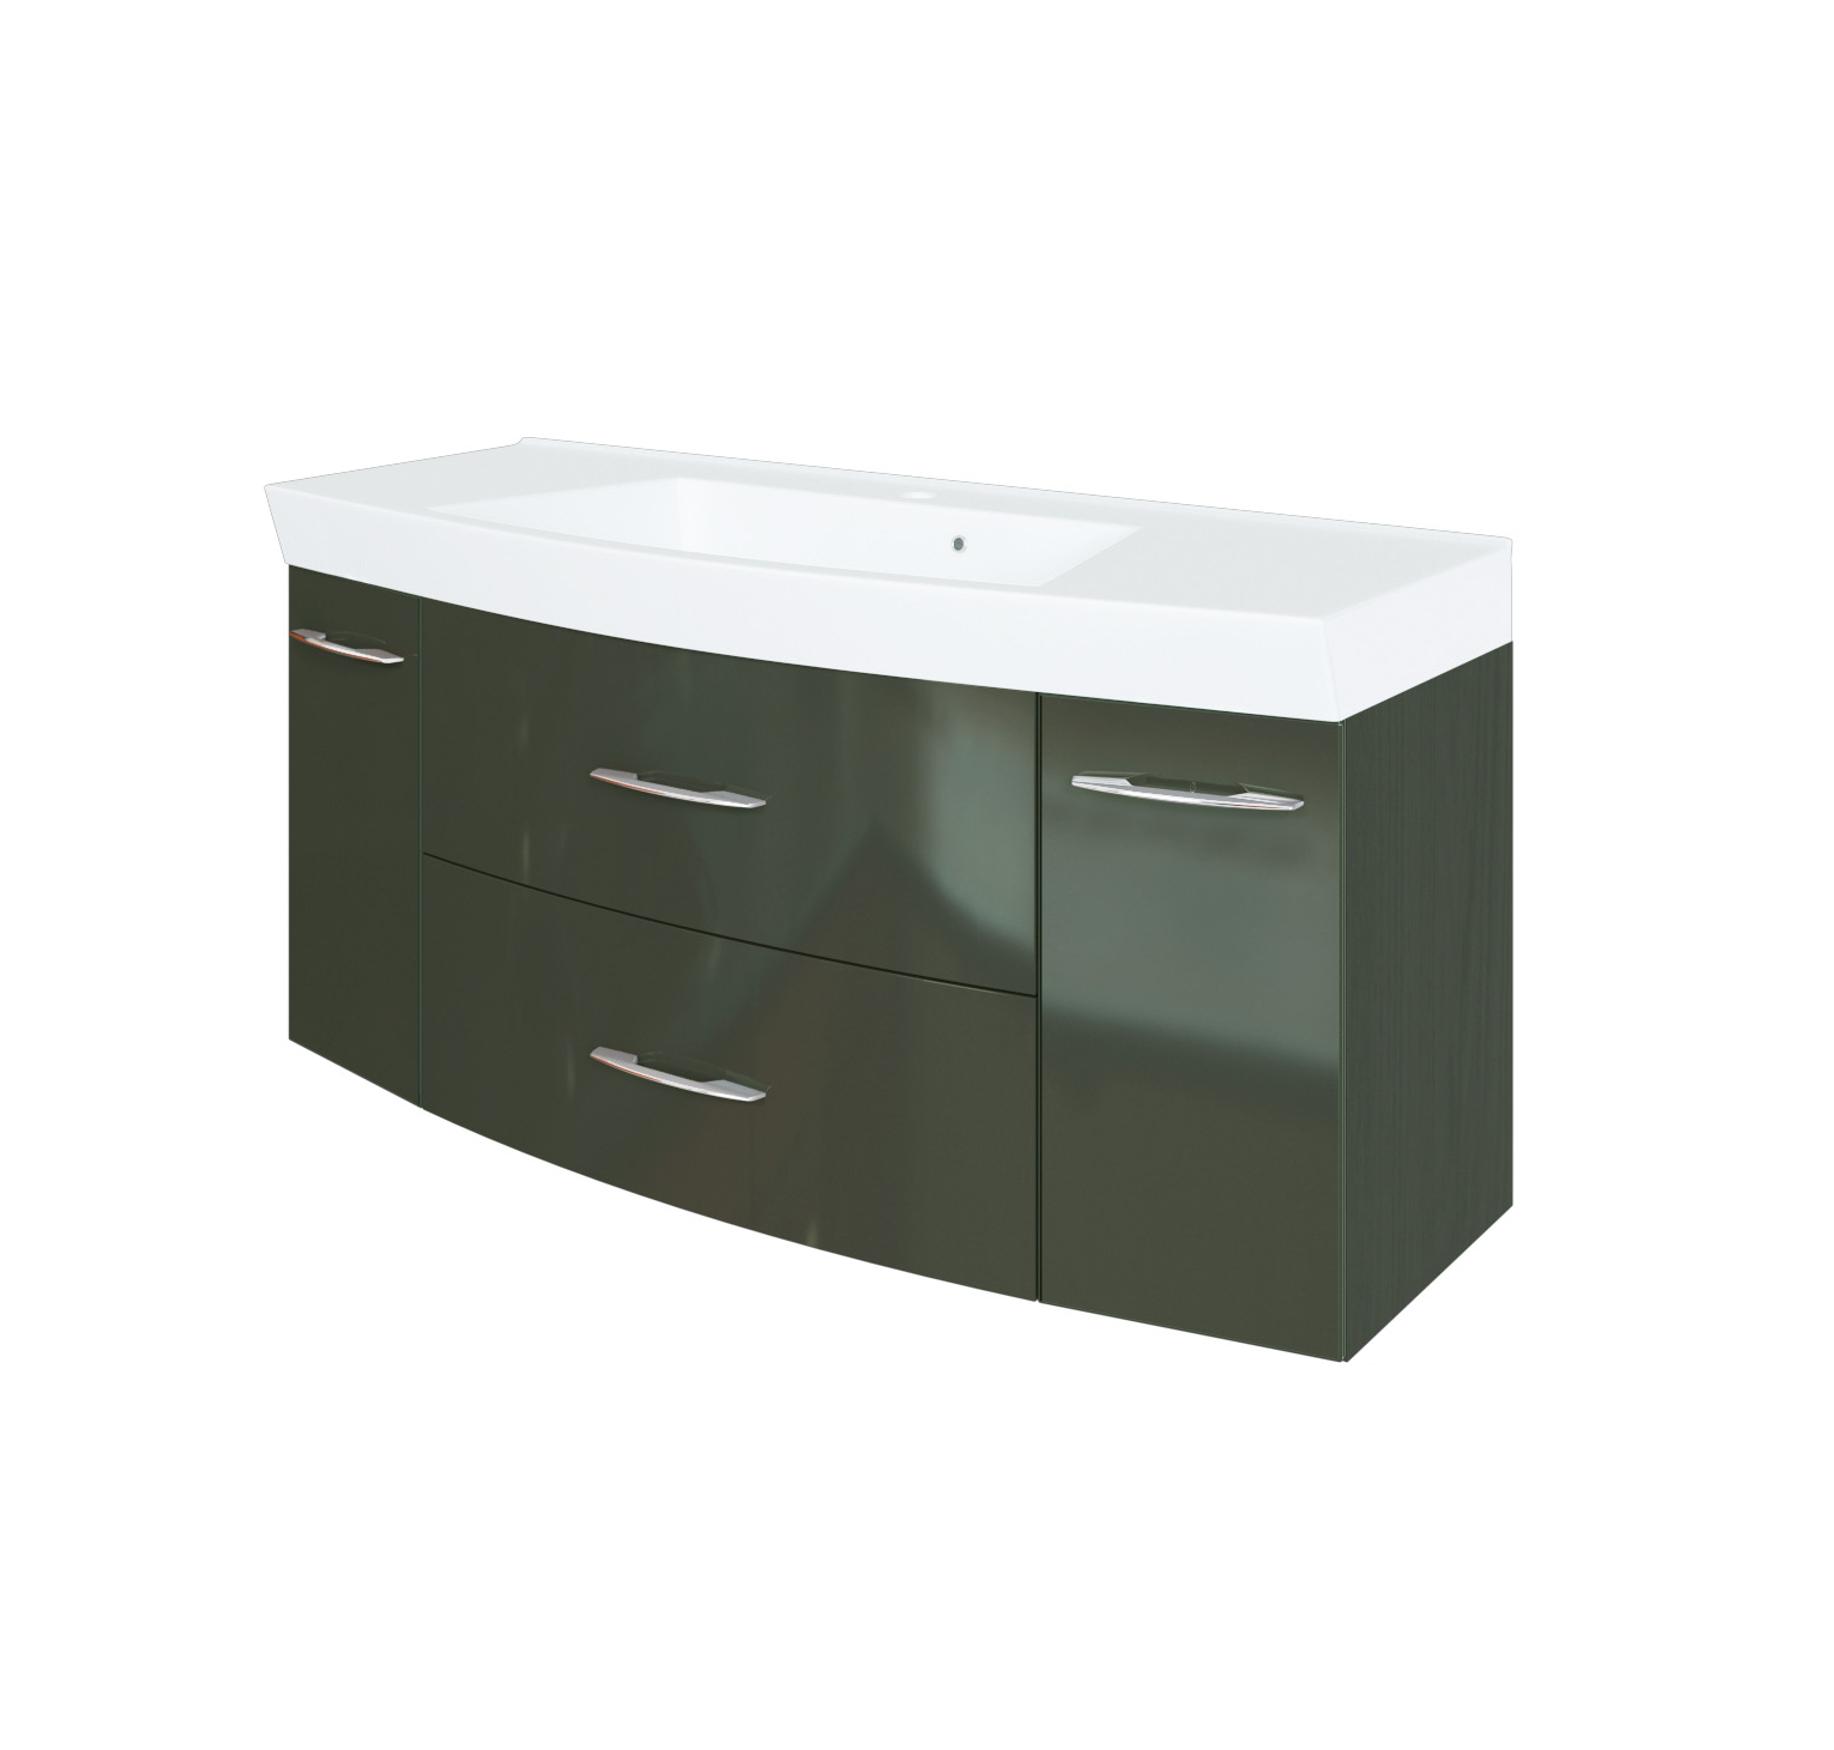 bad waschtisch florida 2 ausz ge 120 cm breit hochglanz grau graphitgrau bad waschtische. Black Bedroom Furniture Sets. Home Design Ideas